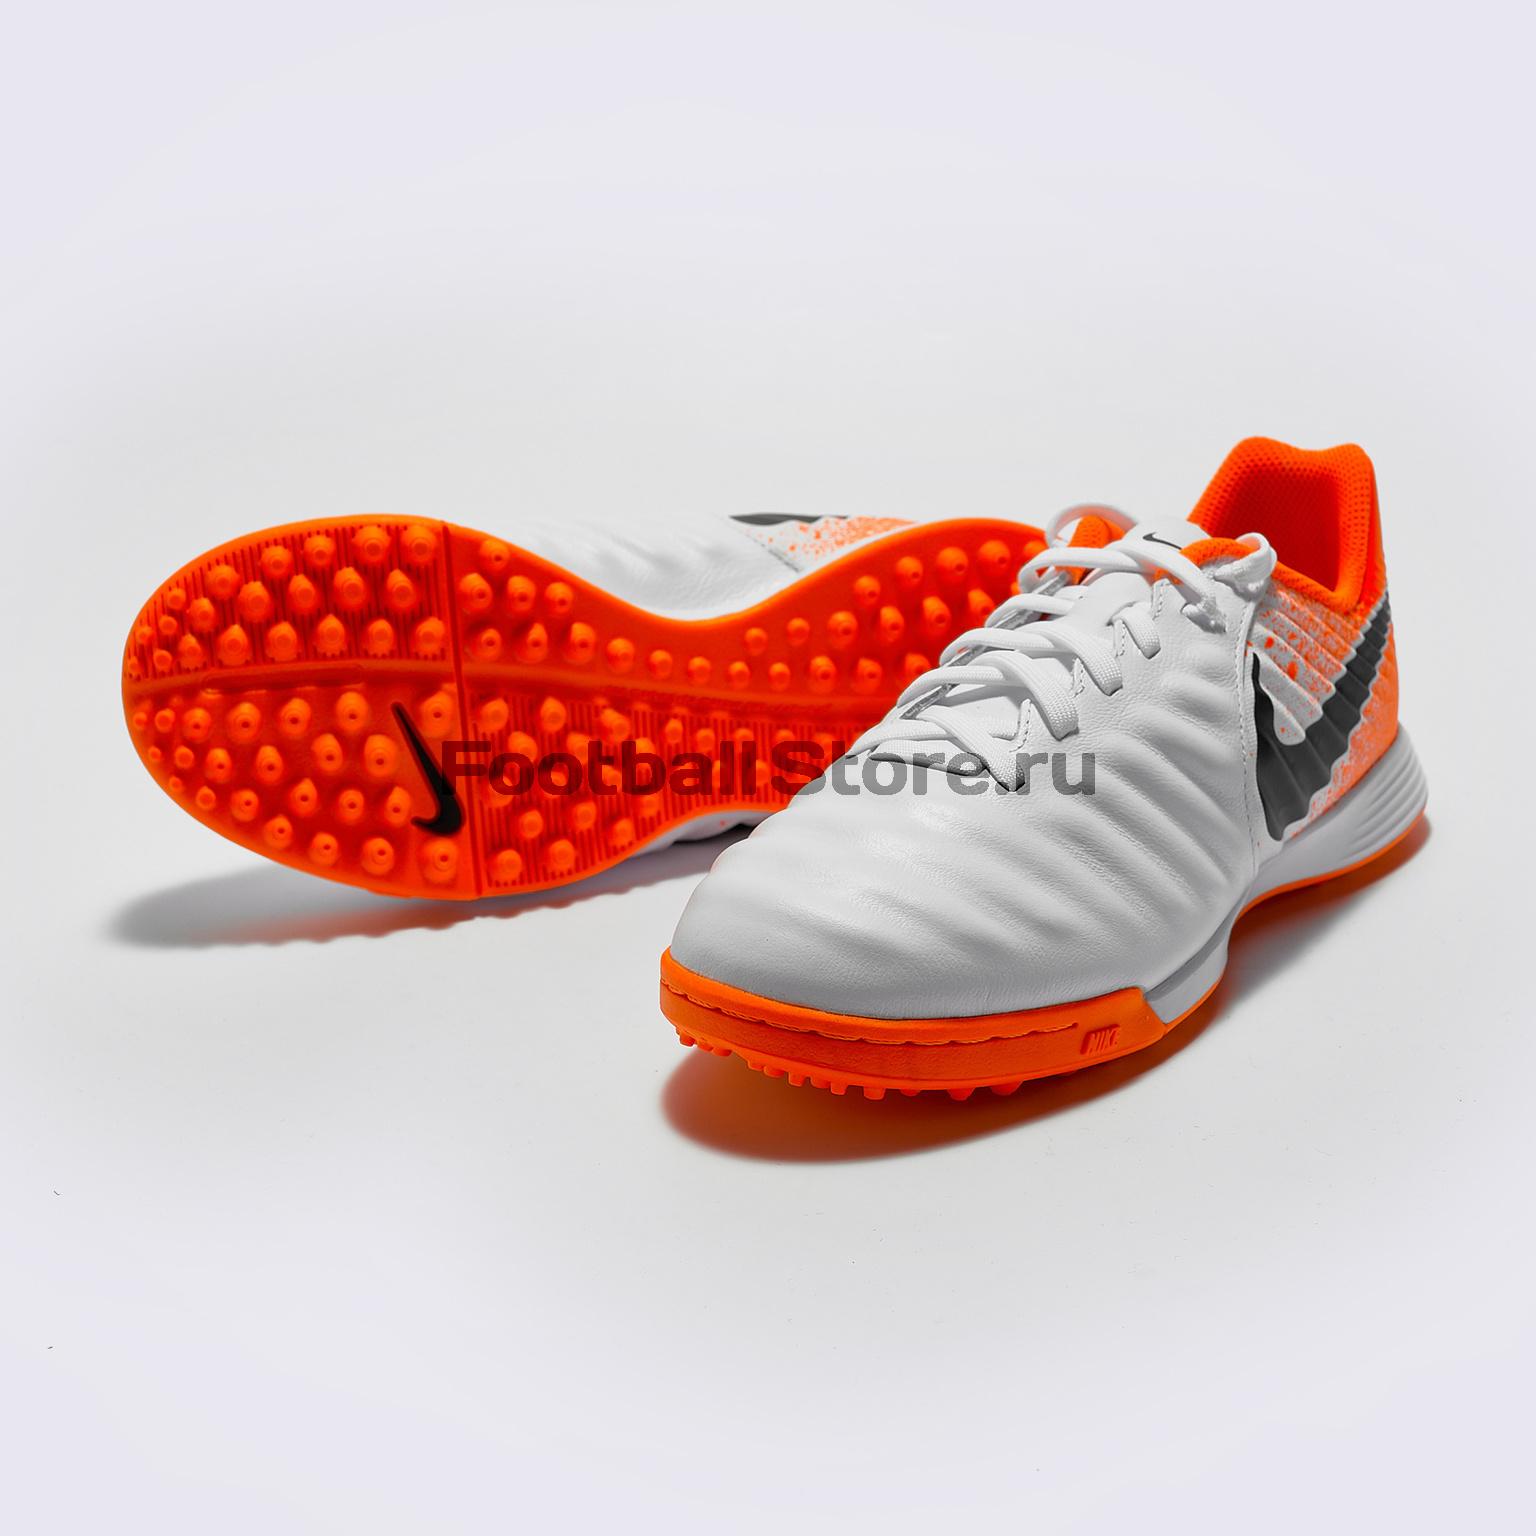 039bf7b0 Шиповки детские Nike Legend 7 Academy TF AH7259-118 – купить в интернет  магазине footballstore, цена, фото